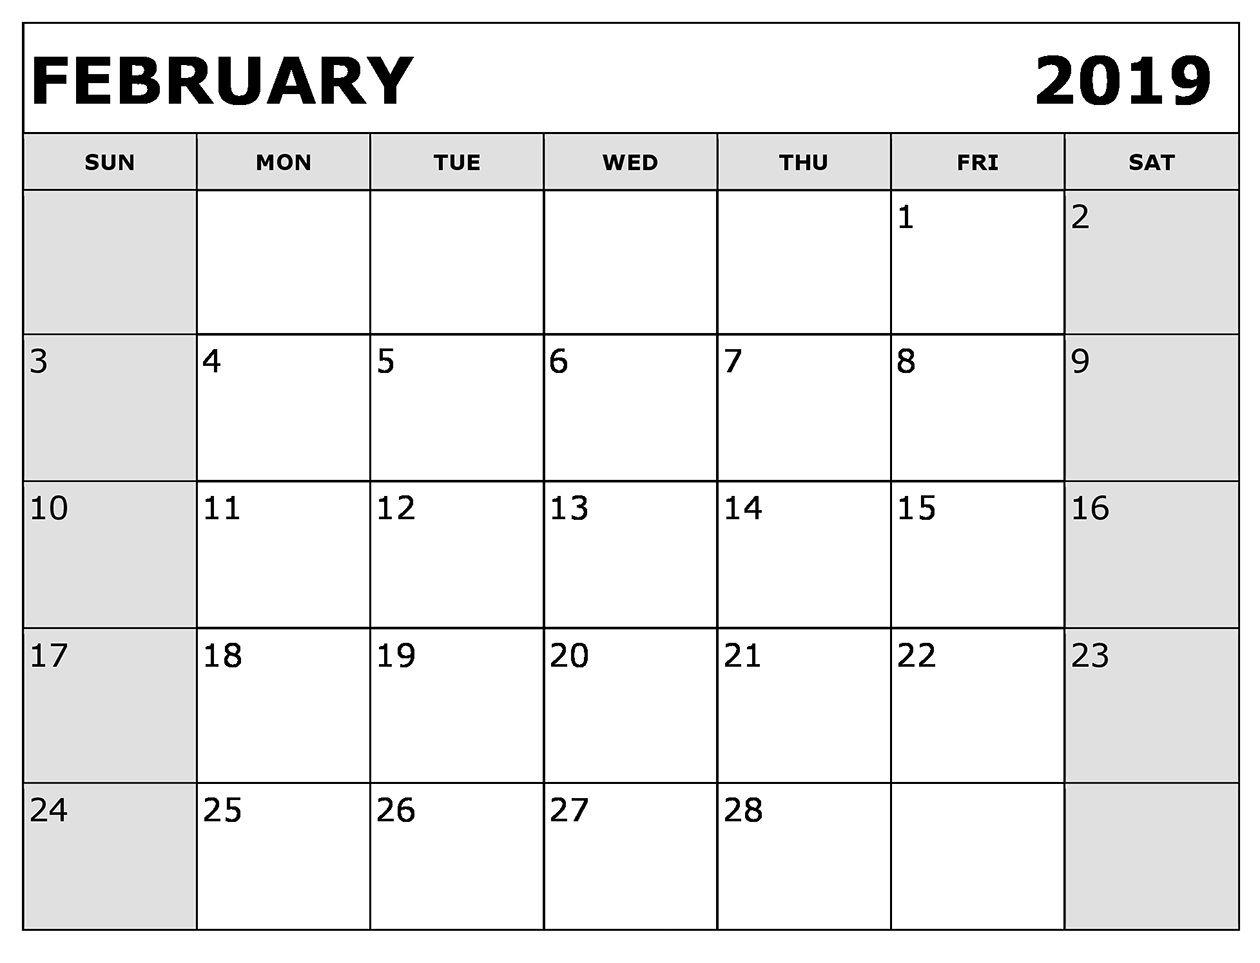 February 2019 Calendar Printable Editable February 2019 Calendar